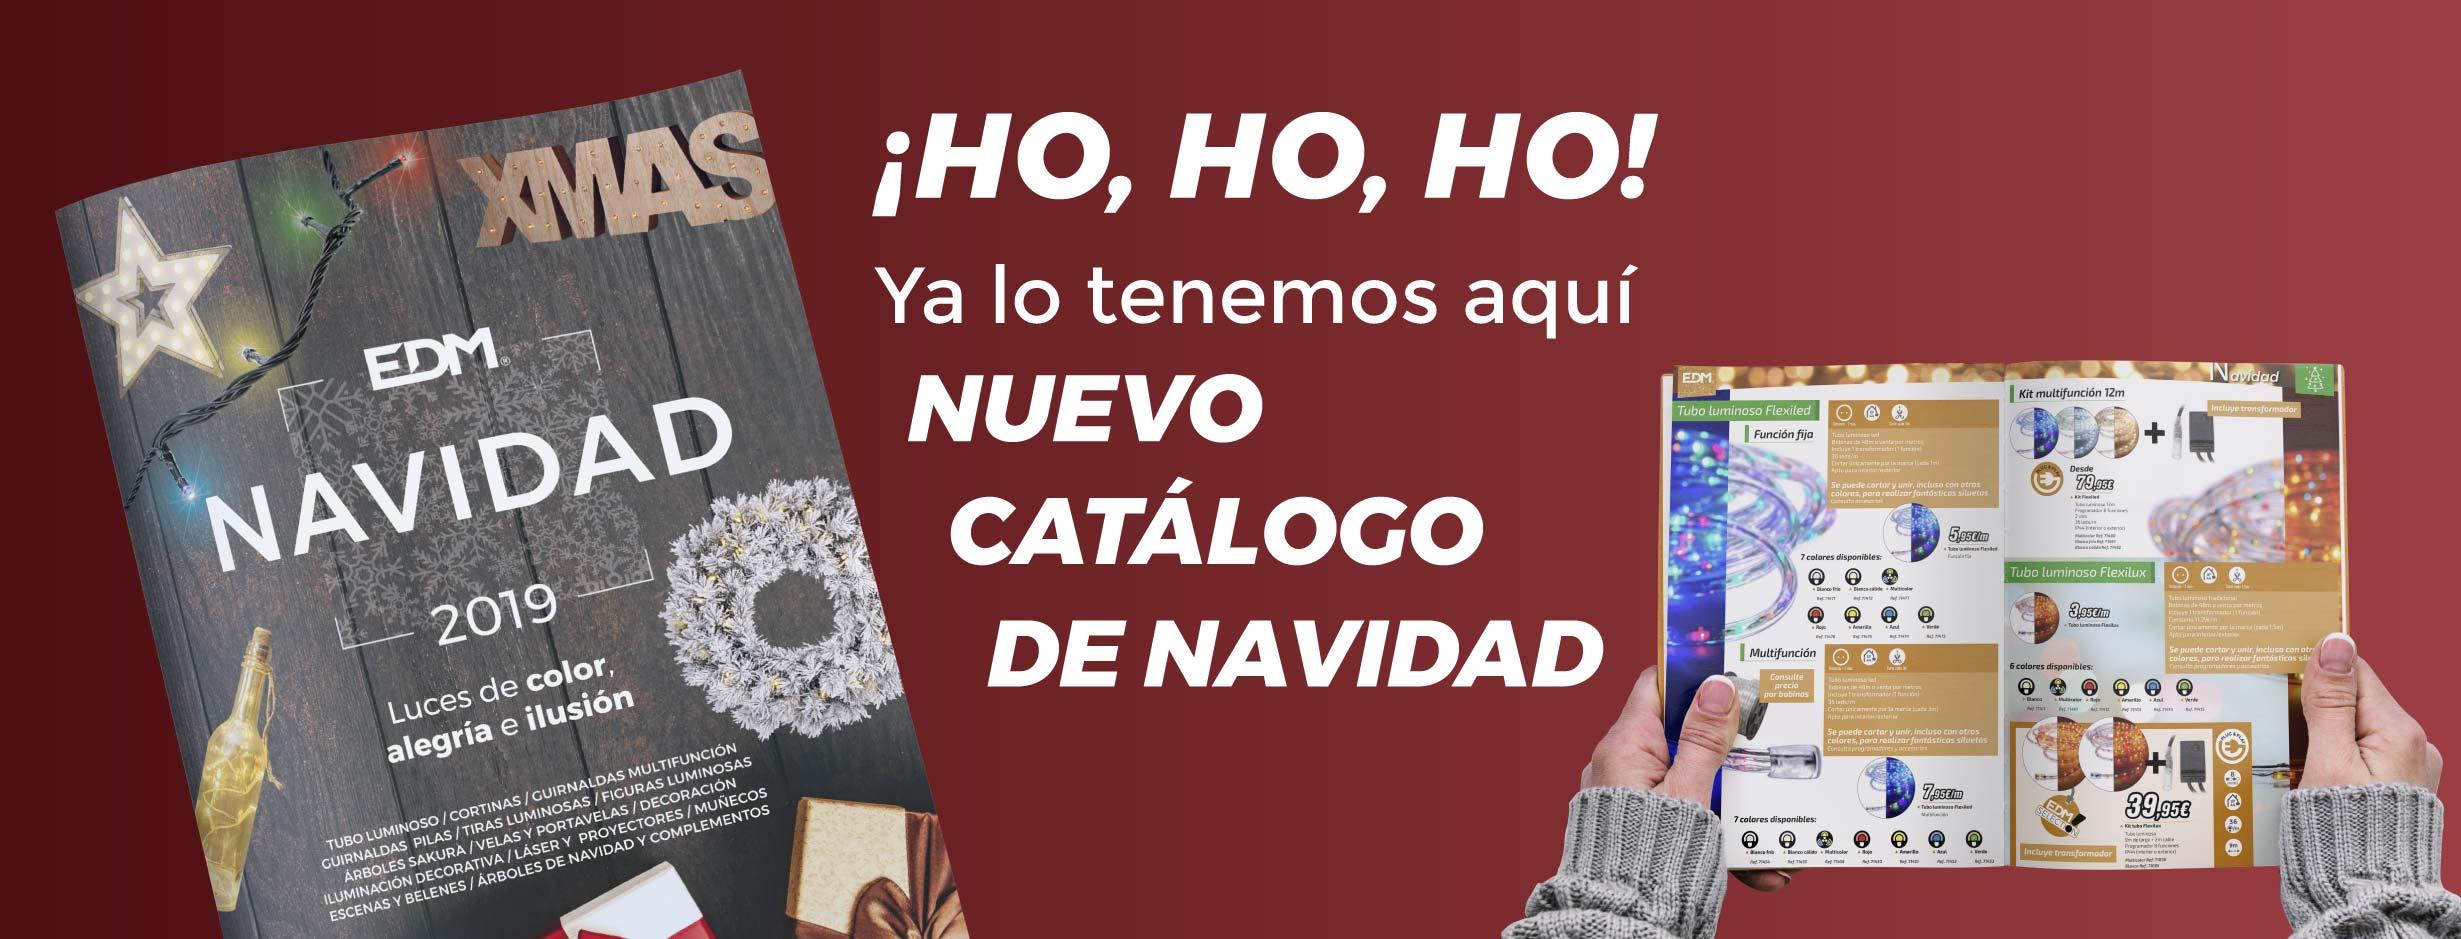 Nuevo catálogo de Navidad 2019